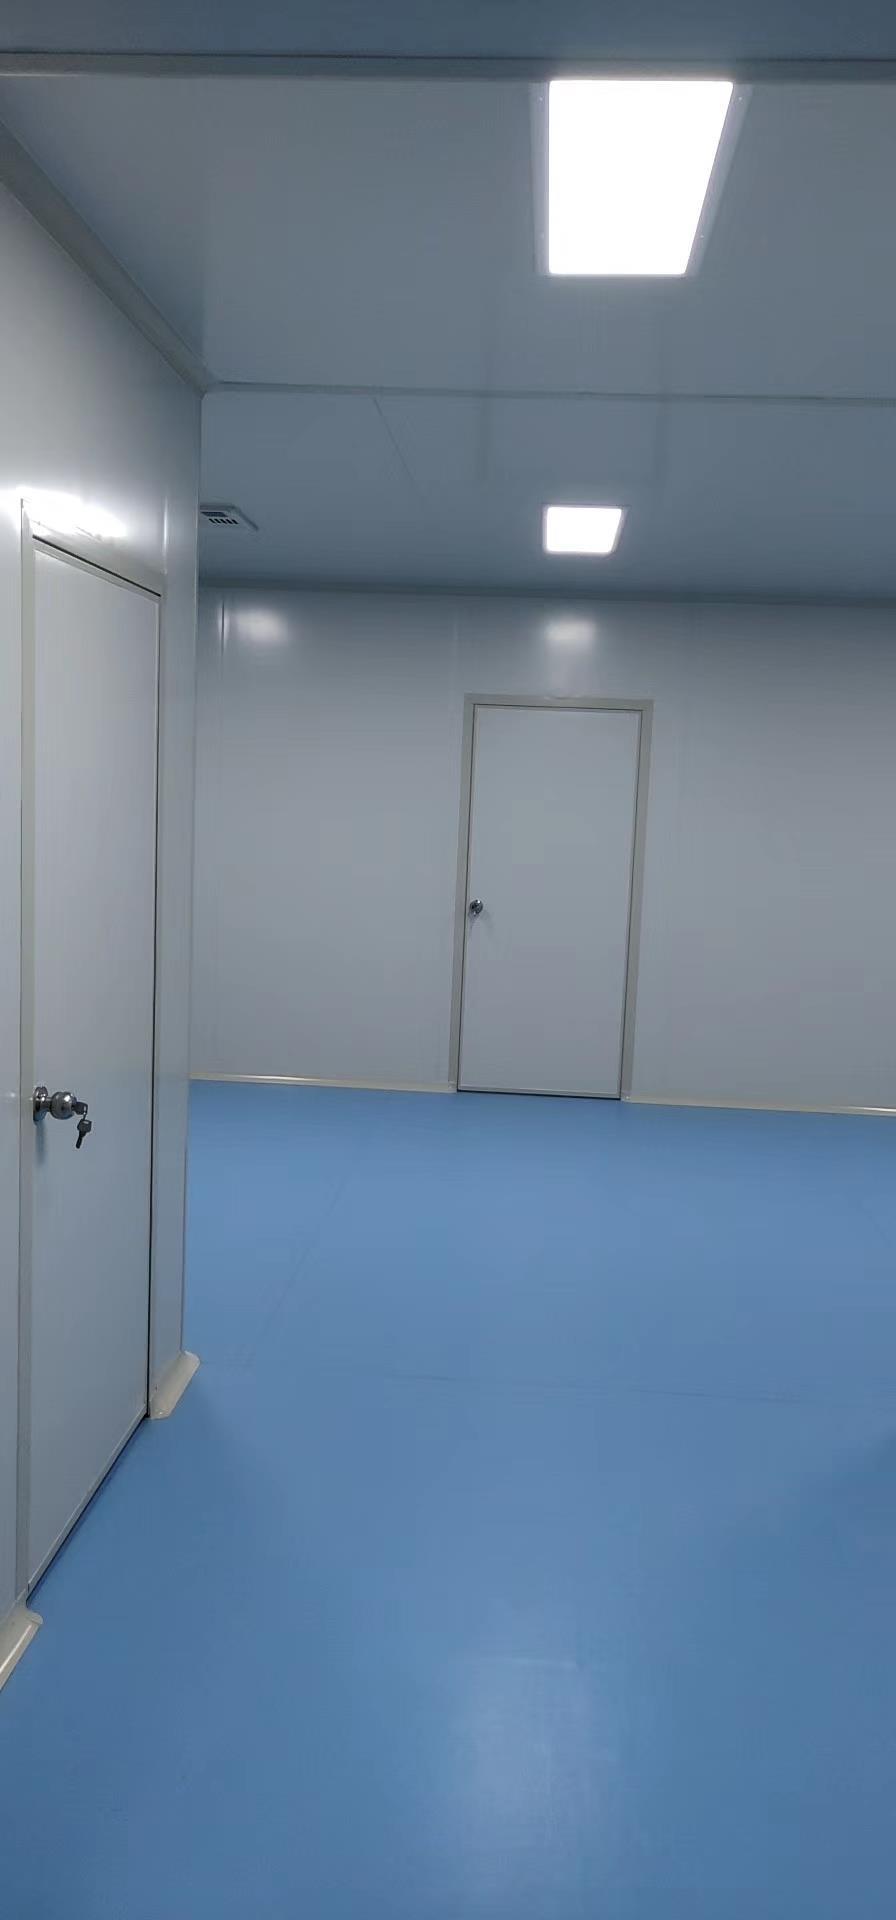 宜春手术室净化系统公司